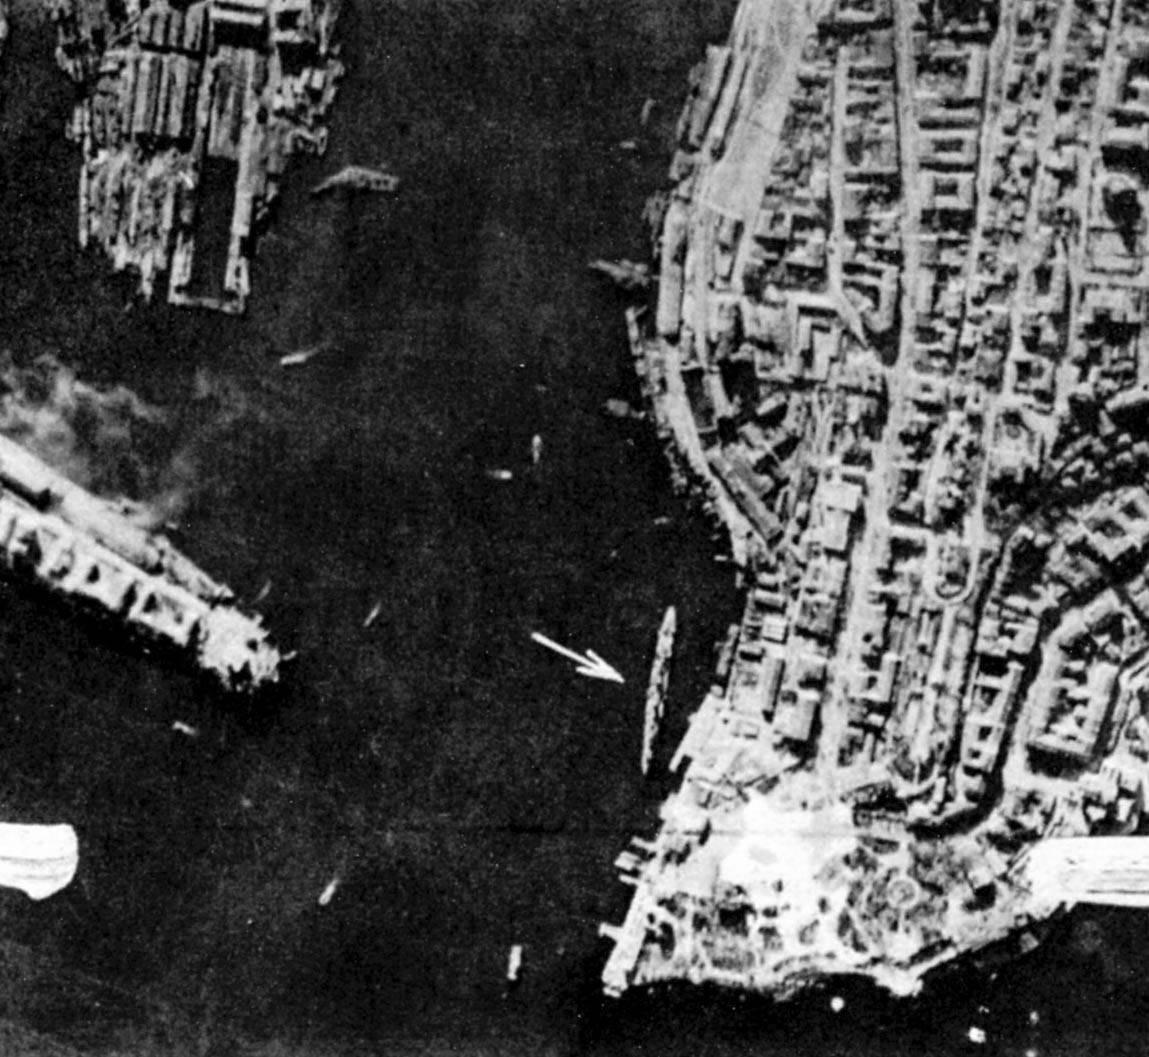 Немецкая аэрофотосъемка Южной бухты. Крейсер отмечен стрелочкой.